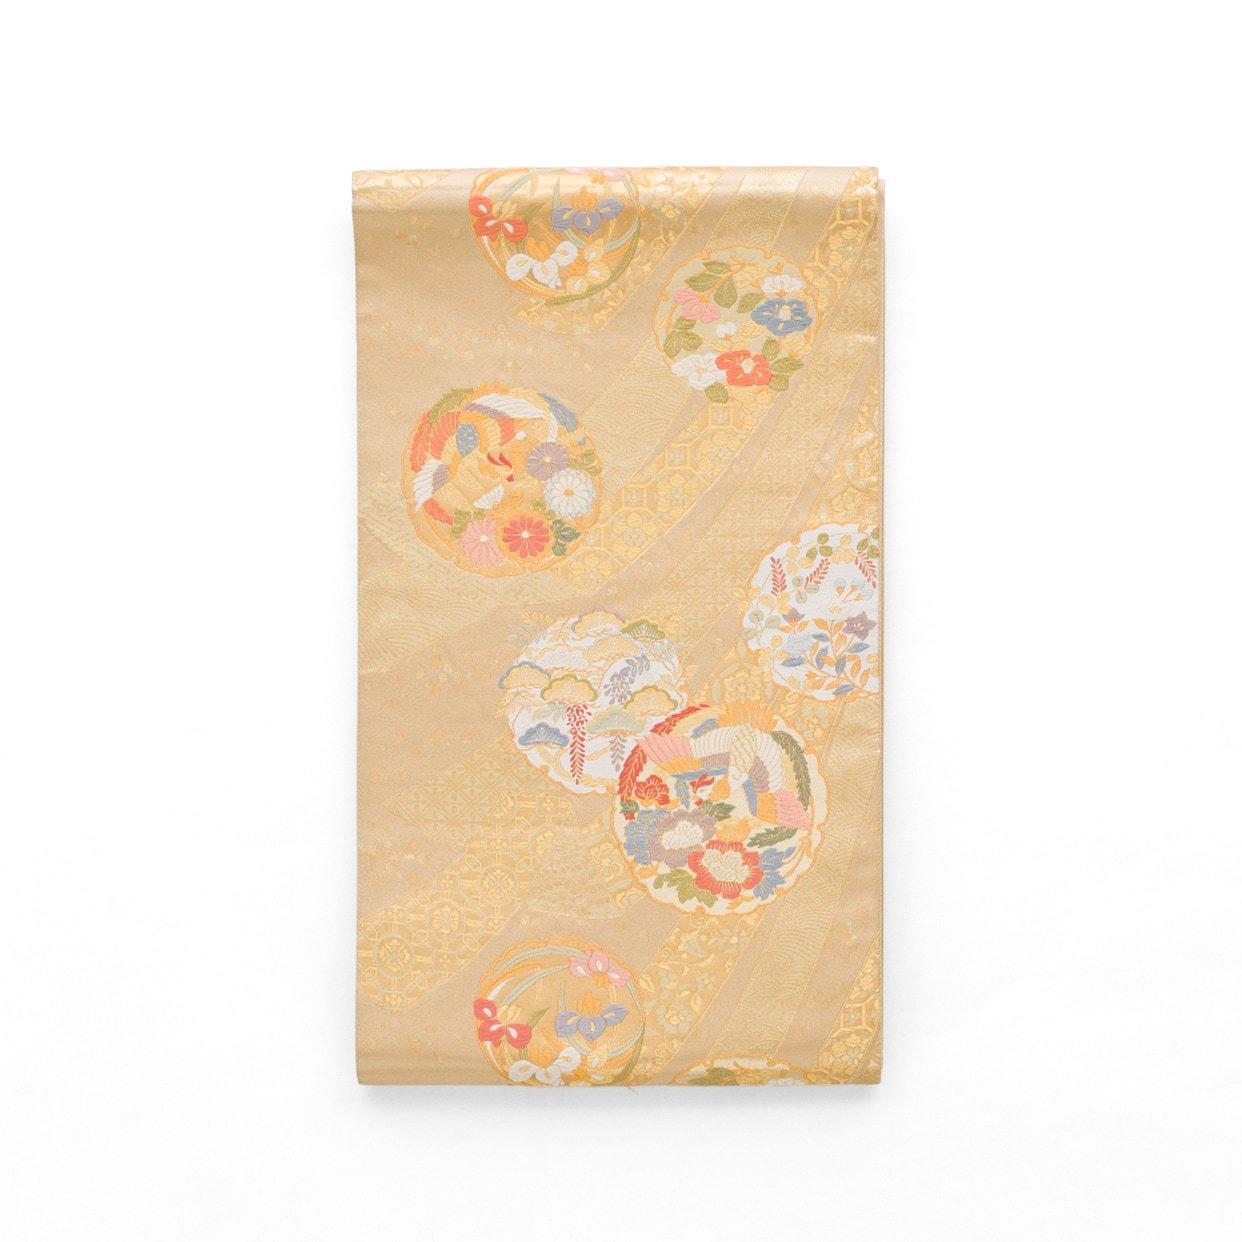 「袋帯●束ね熨斗に雪輪」の商品画像